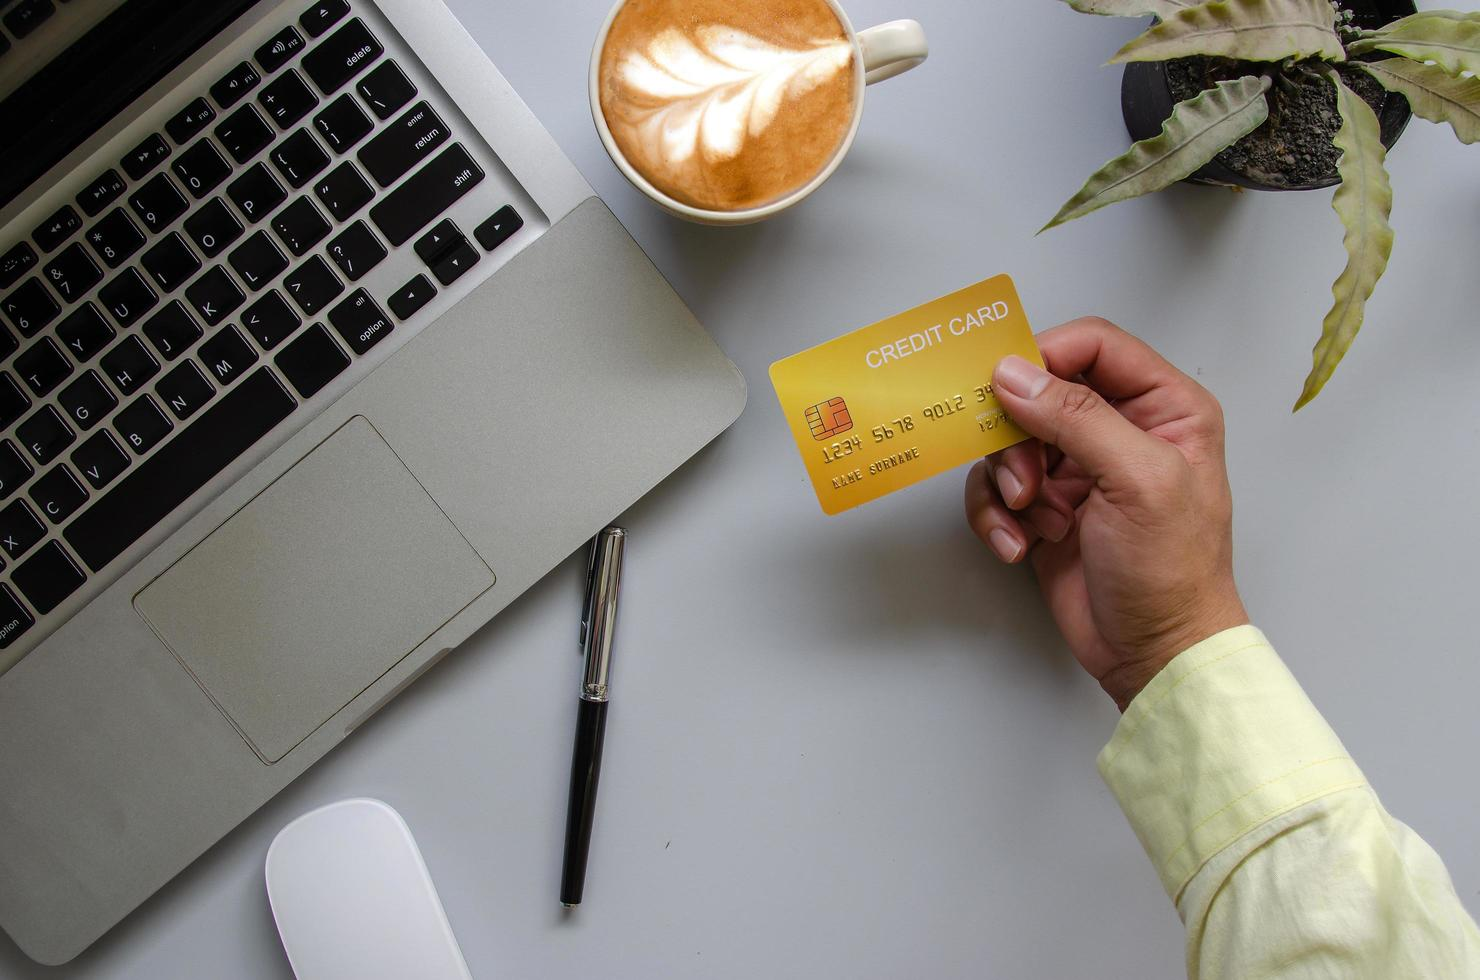 mano sosteniendo tarjeta de crédito foto